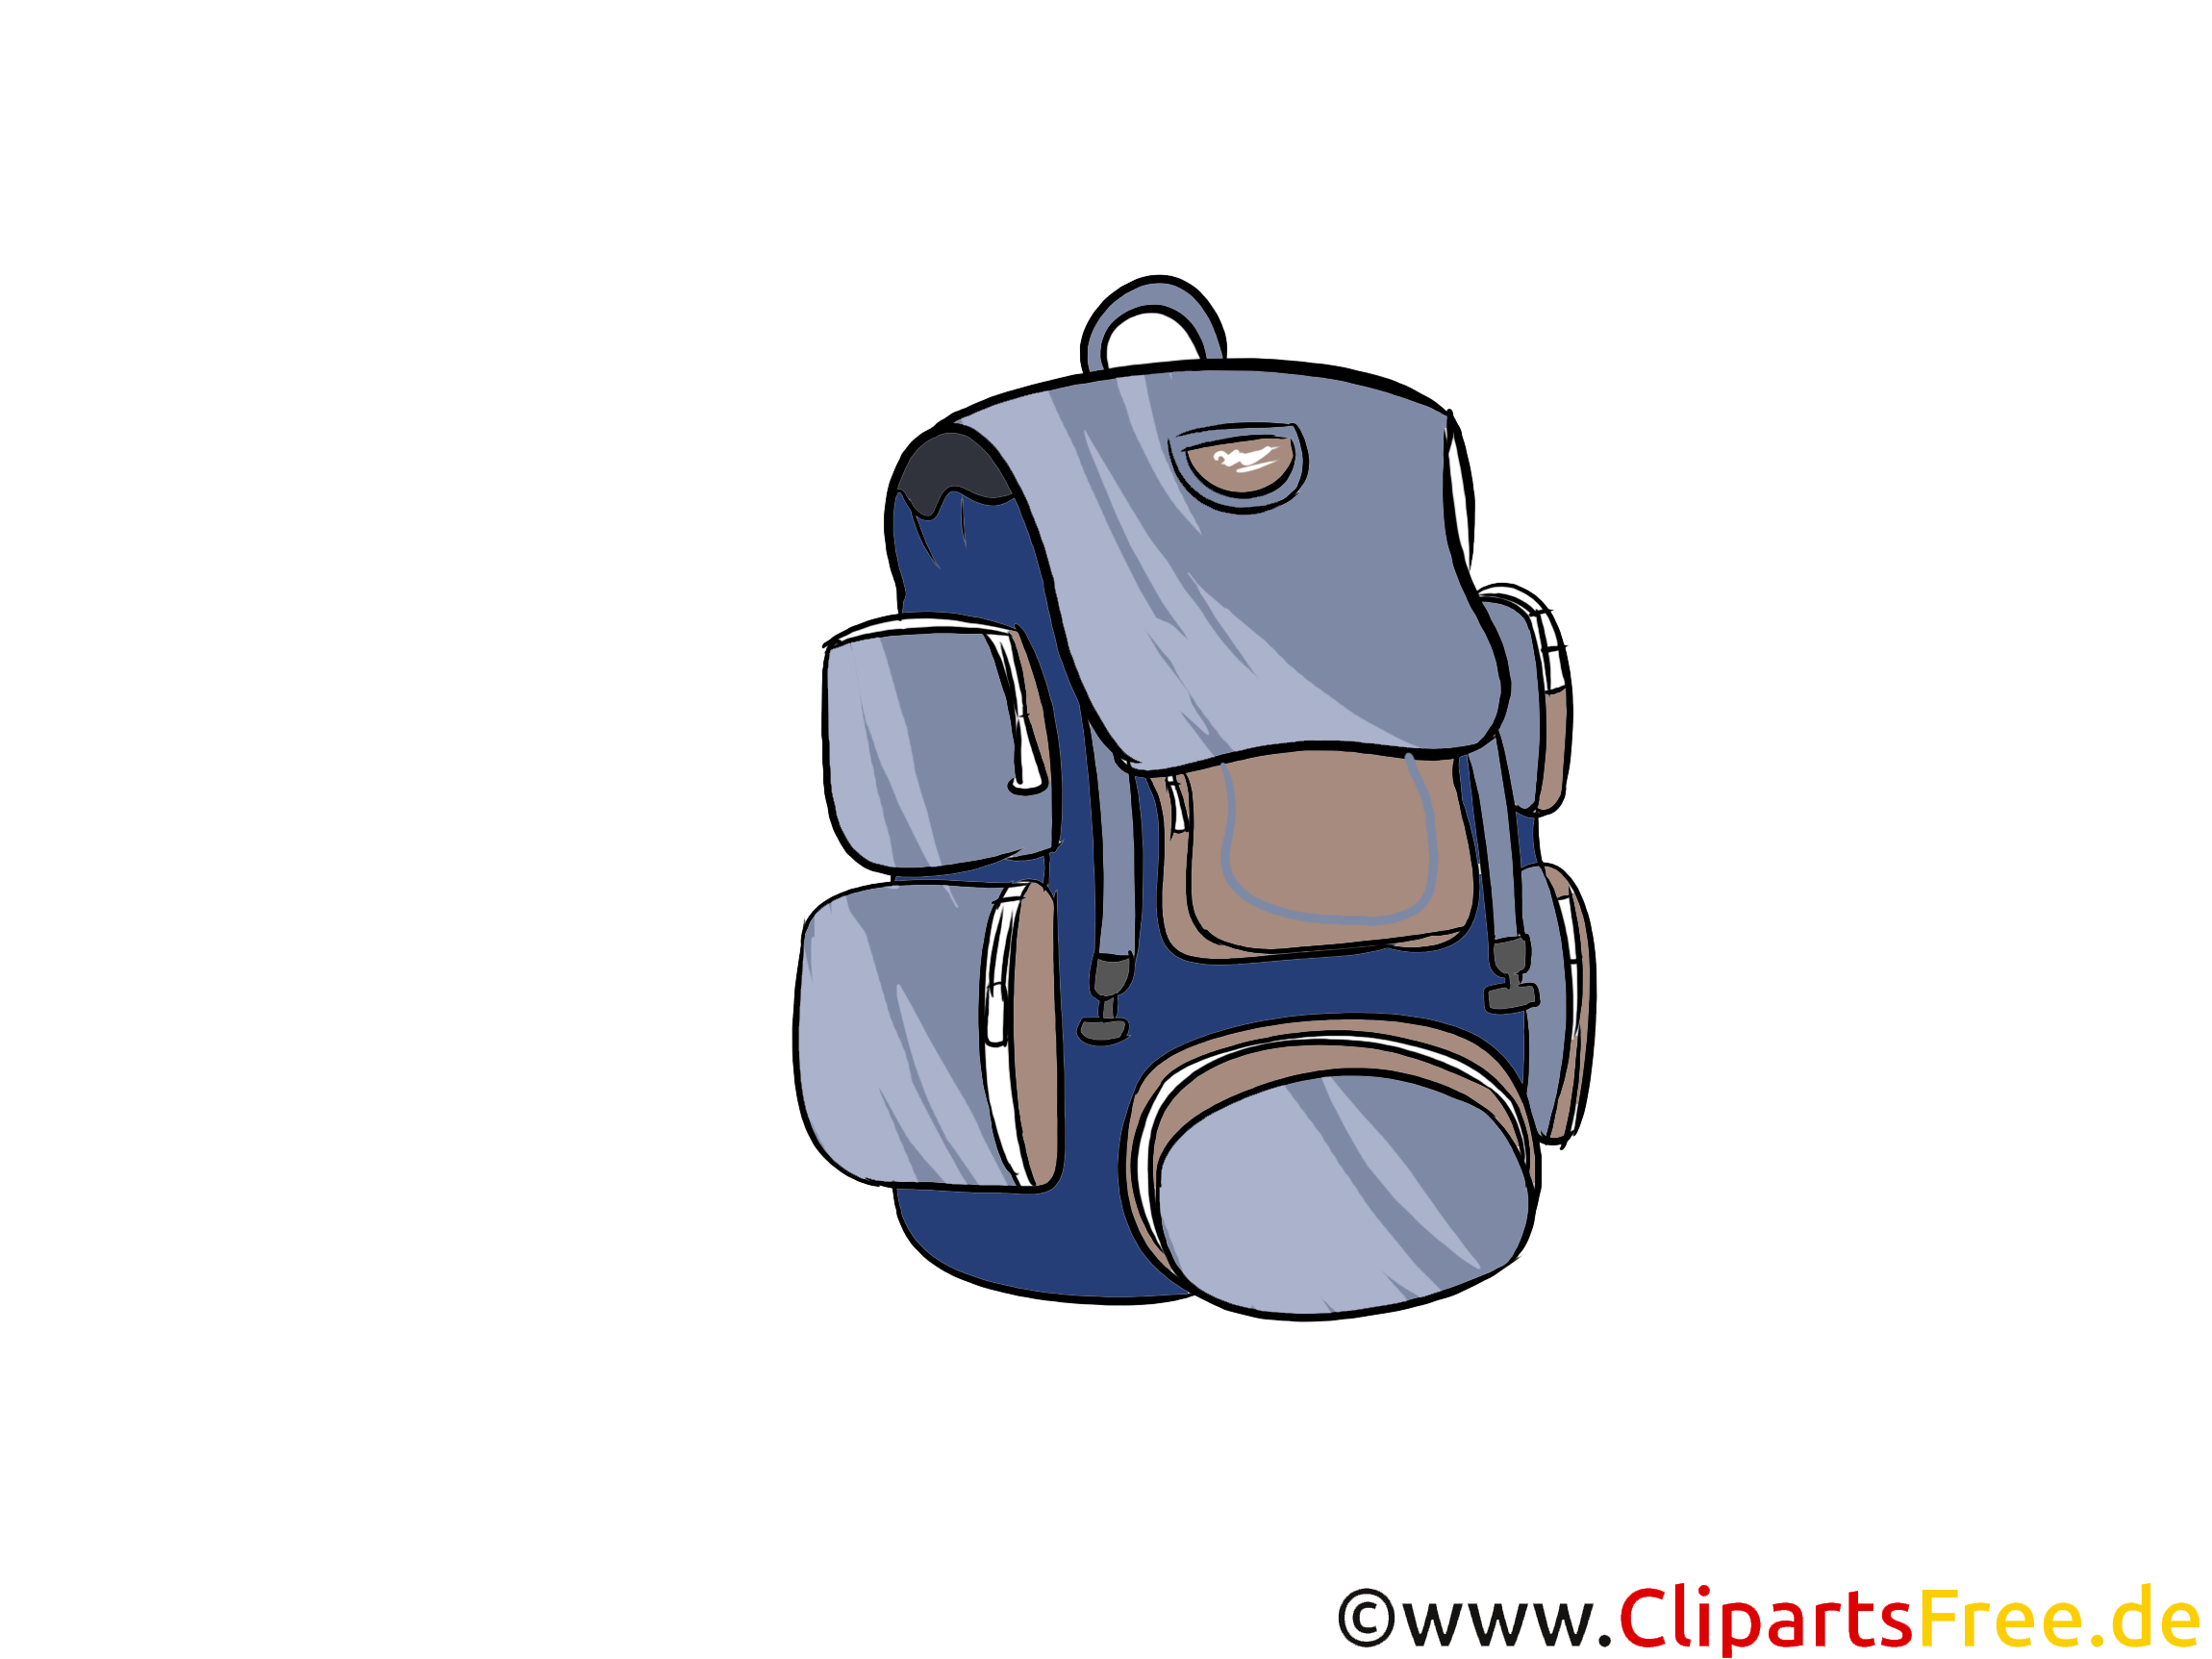 Rucksack zum Reisen und Wandern Bild, Illustration, Clipart